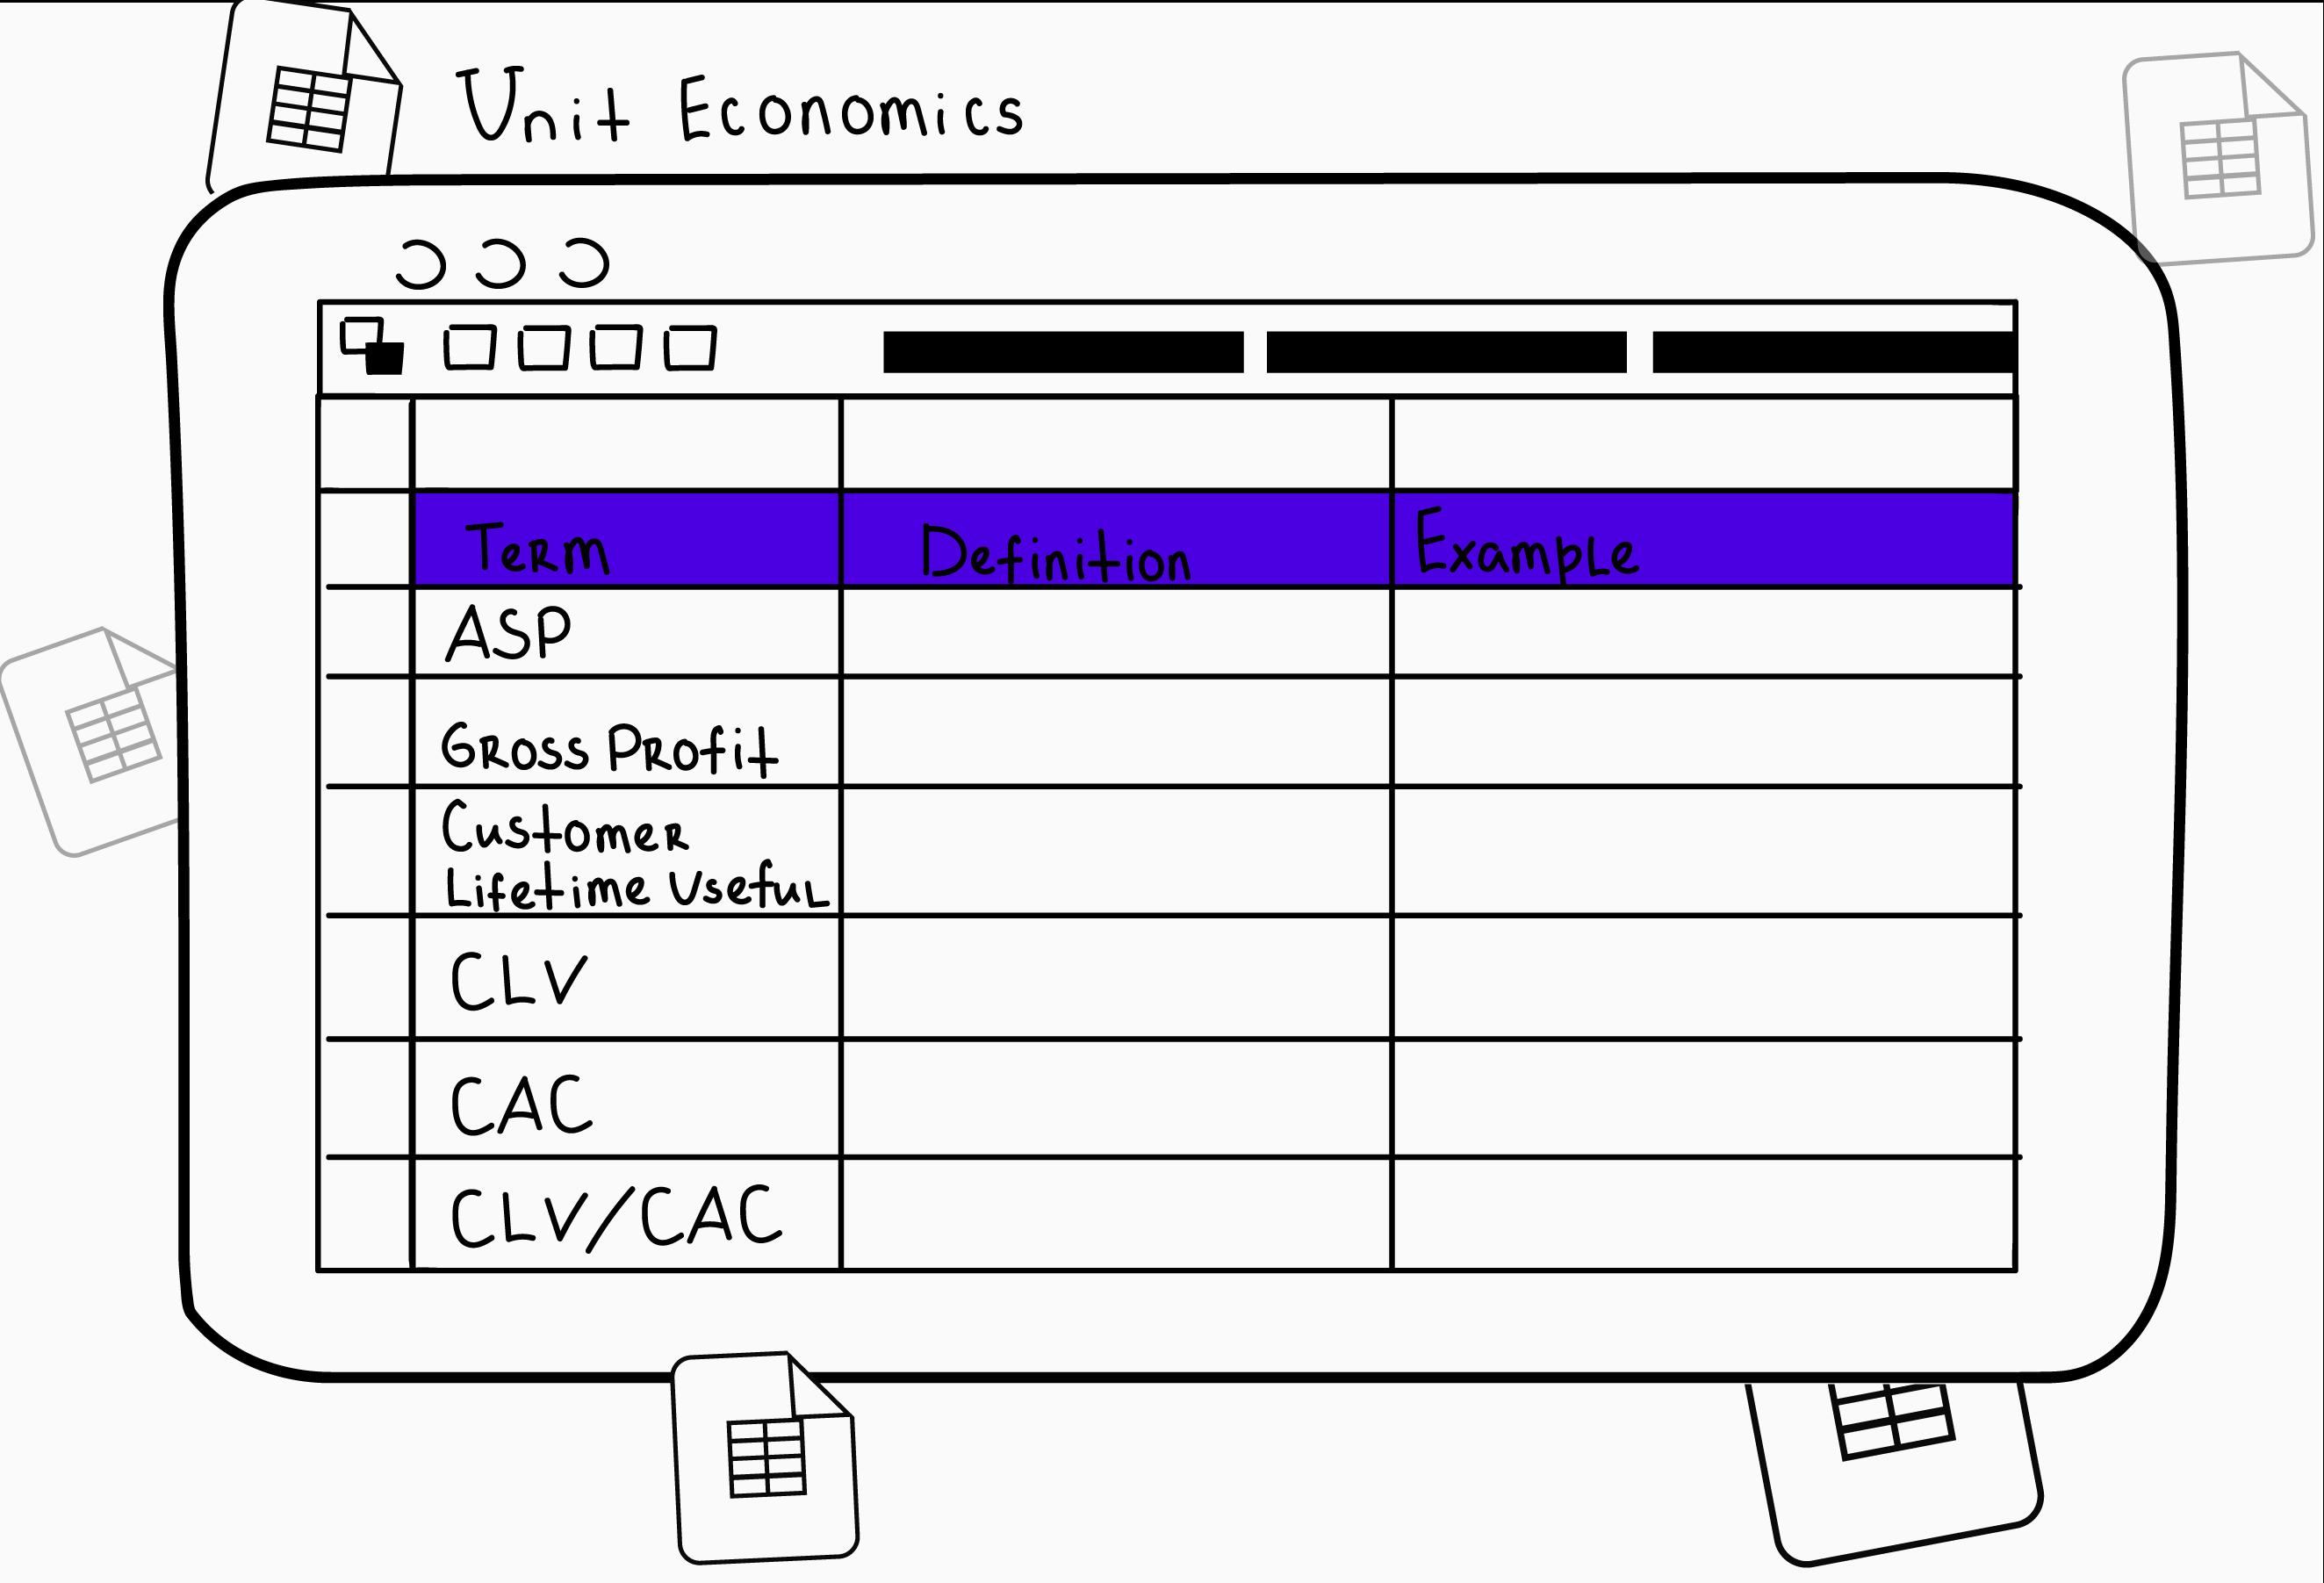 24. Unit ekonomika i PL produkta - Unit экономика – современное направление расчета прибыльности бизнеса, которое занимается аналитикой на уровне отдельного пользователя продуктом или услугой